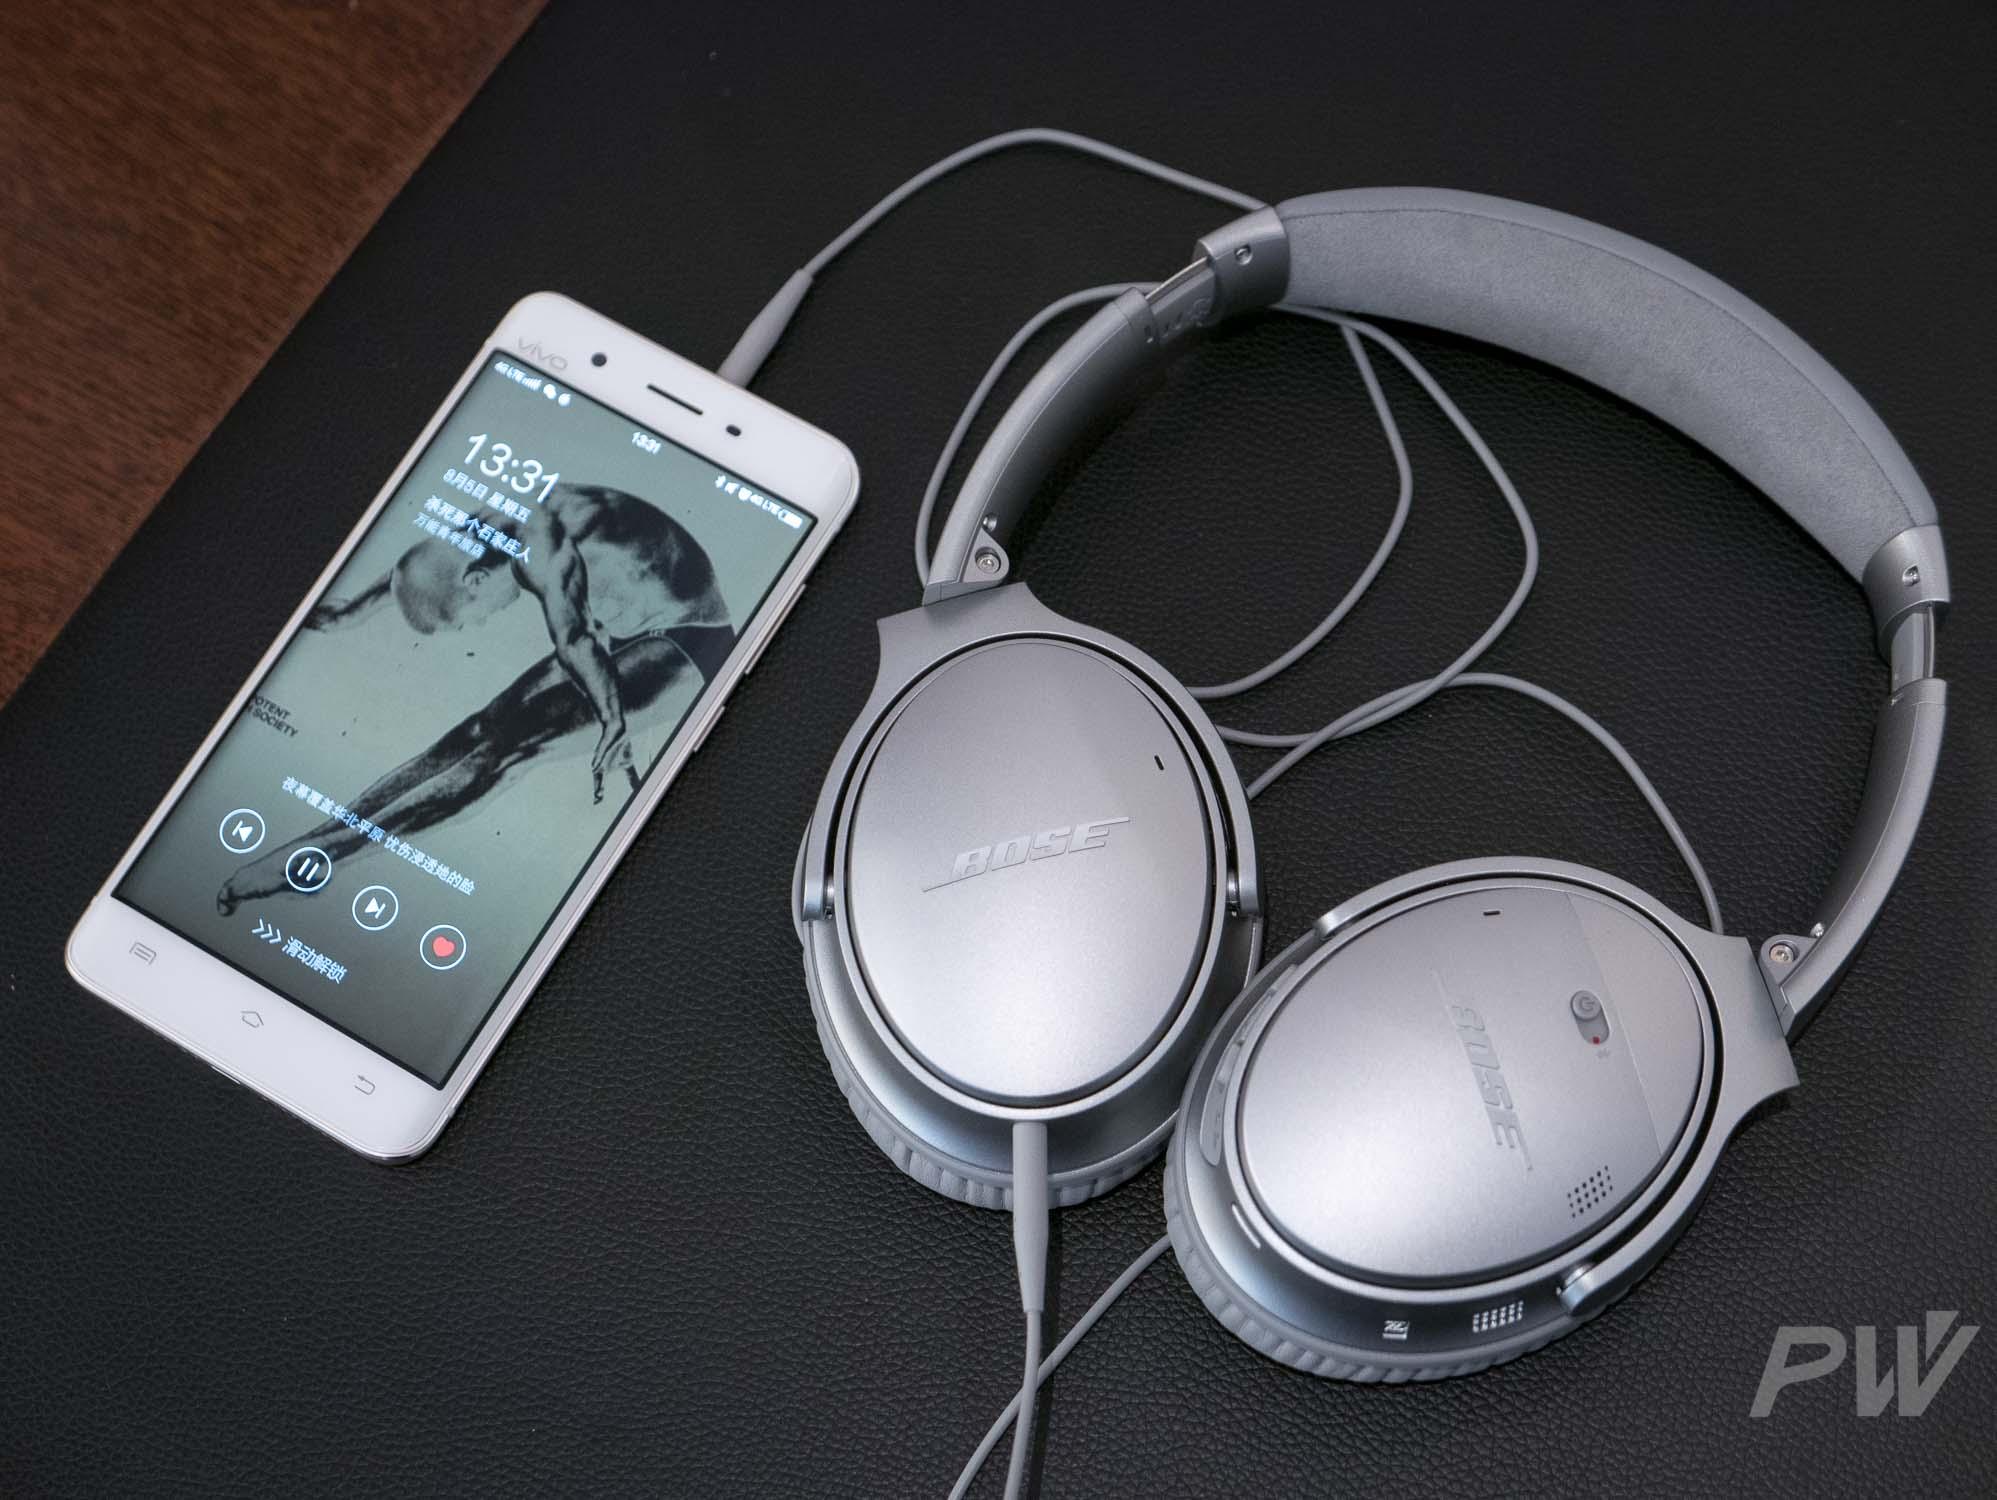 你可以把它当有线耳机使用,音质中规中矩,但不会比 BEATS 烂就是了。